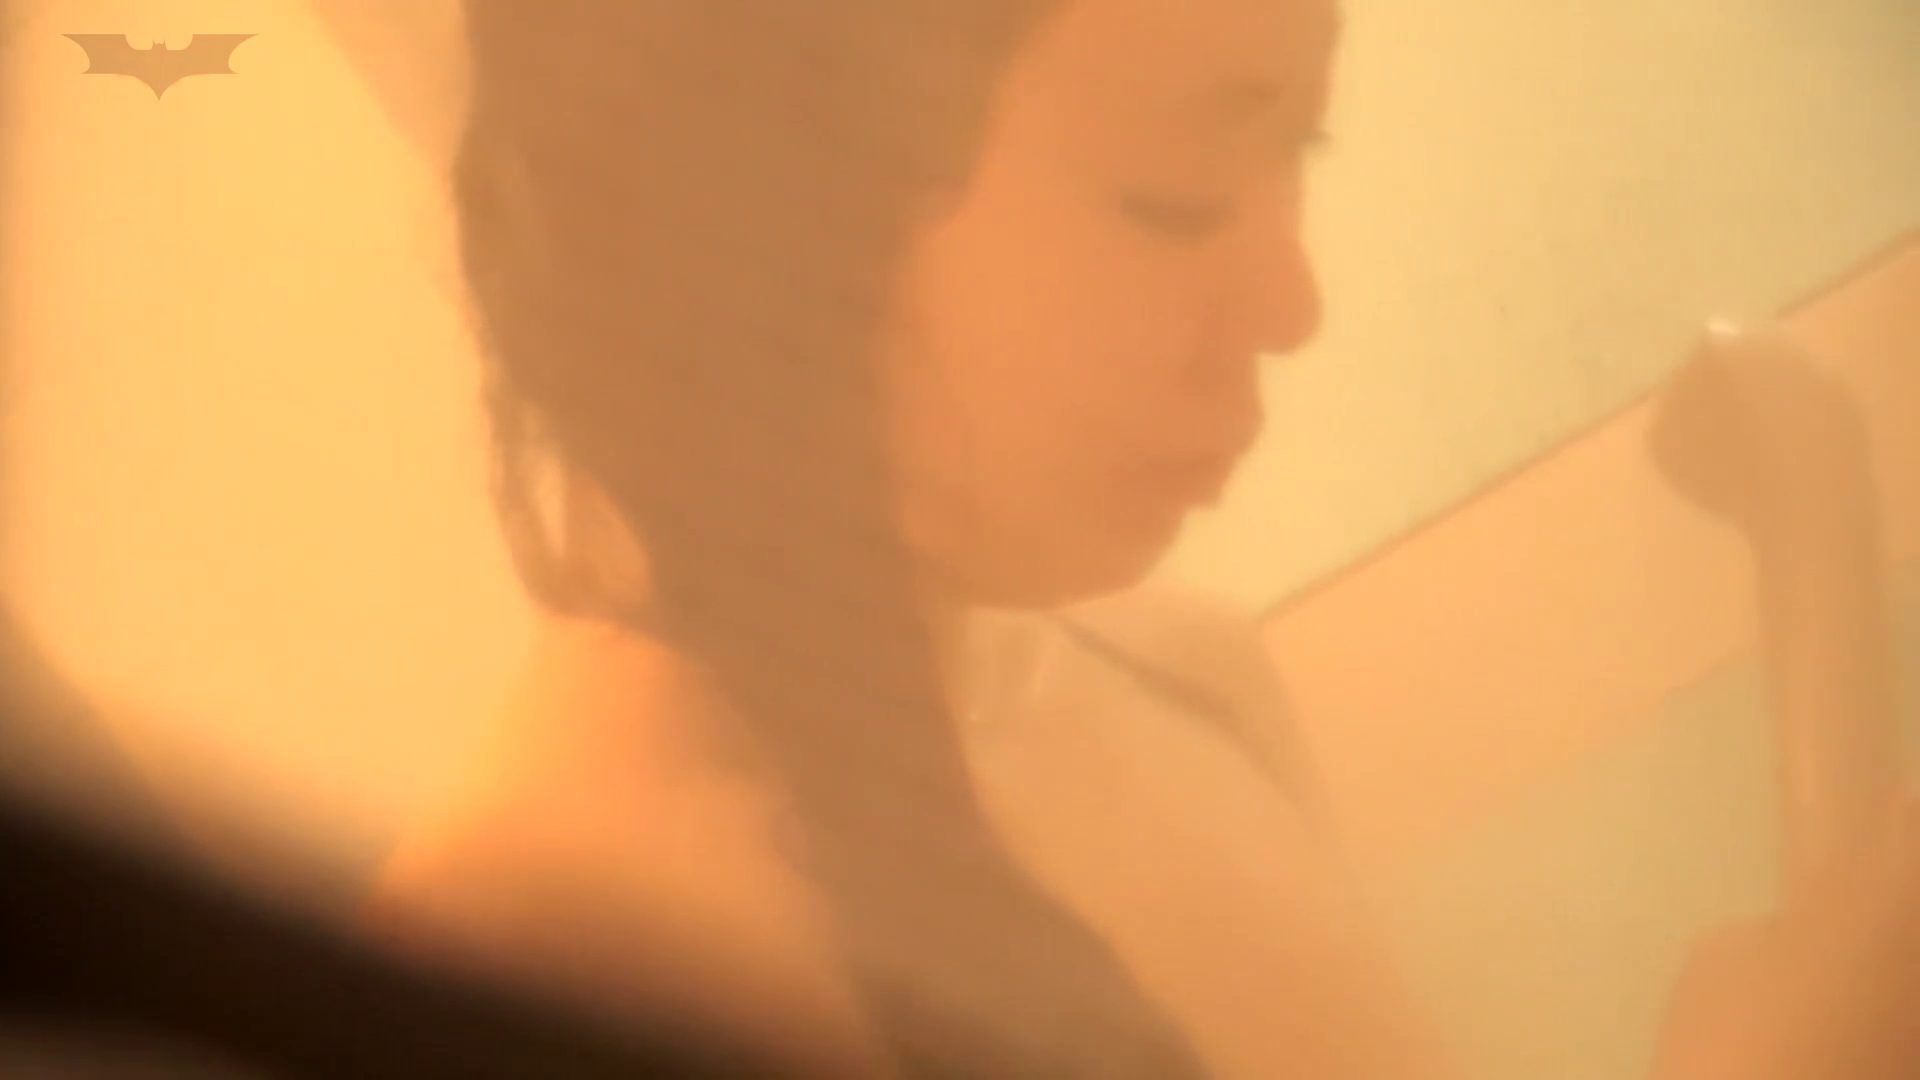 *華の女子寮ノゾキ* vol.03 こないだまでJKだった黒髪炉利っ子。 OLのボディ   女子寮  90PIX 9